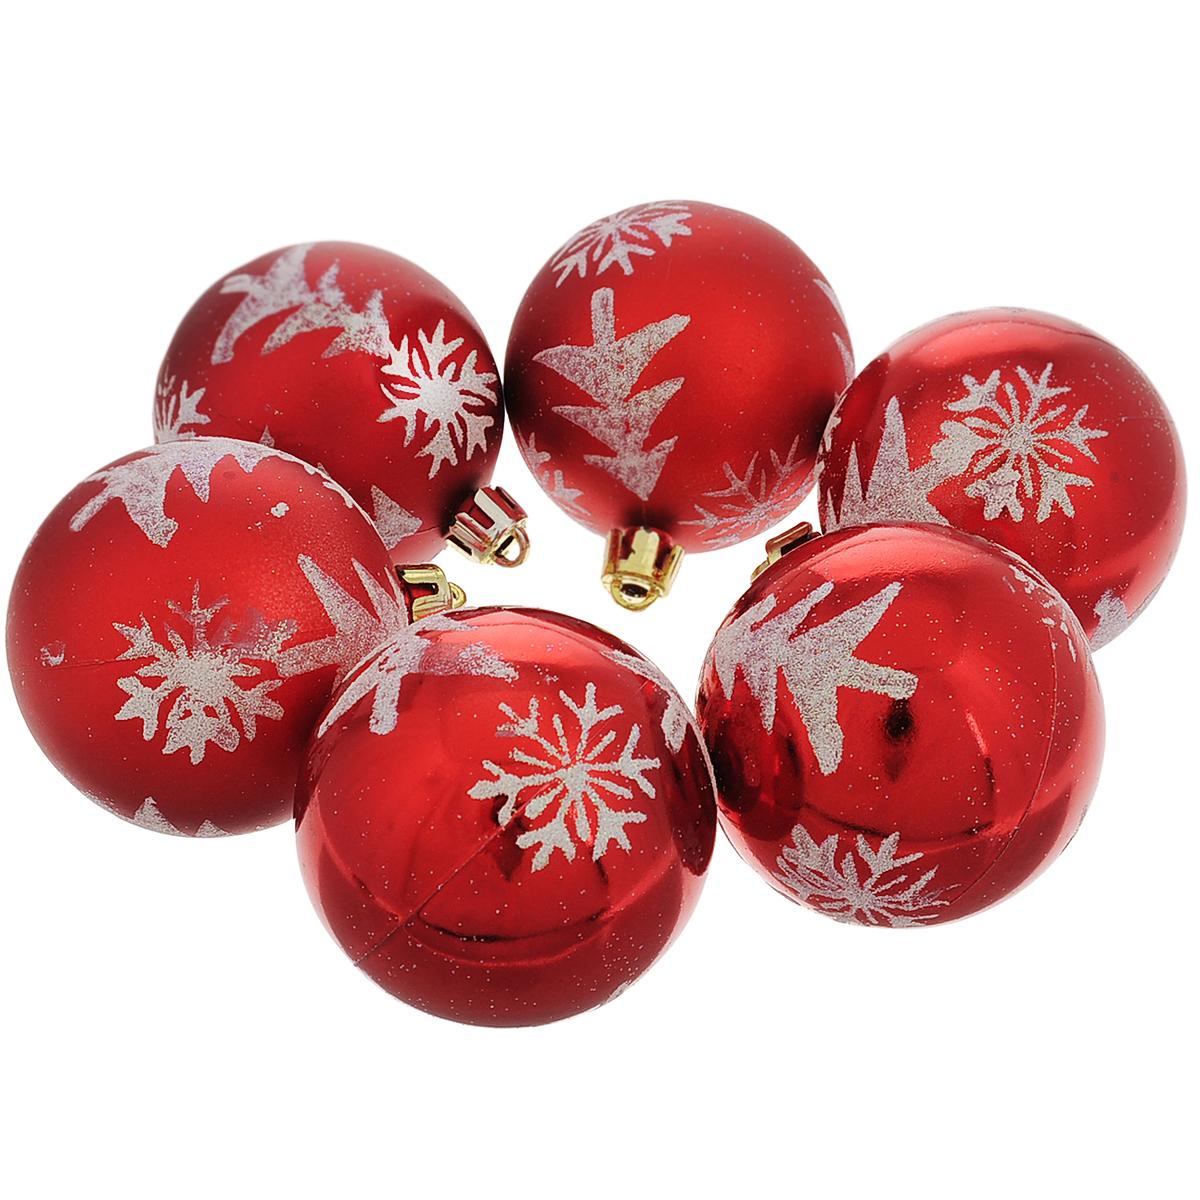 Набор новогодних подвесных украшений Шар, цвет: красный, серебристый, диаметр 6 см, 6 шт. 3550735507Набор новогодних подвесных украшений Шар прекрасно подойдет для праздничного декора новогодней ели. Набор состоит из шести шаров - 3 матовых и 3 глянцевых, выполненных из пластика. Шары украшены изящными узорами из серебристых блесток. Для удобного размещения на елке для каждого шара предусмотрена текстильная петелька.Елочная игрушка - символ Нового года. Она несет в себе волшебство и красоту праздника. Создайте в своем доме атмосферу веселья и радости, украшая новогоднюю елку нарядными игрушками, которые будут из года в год накапливать теплоту воспоминаний. Коллекция декоративных украшений принесет в ваш дом ни с чем несравнимое ощущение волшебства! Откройте для себя удивительный мир сказок и грез. Почувствуйте волшебные минуты ожидания праздника, создайте новогоднее настроение вашим дорогим и близким.